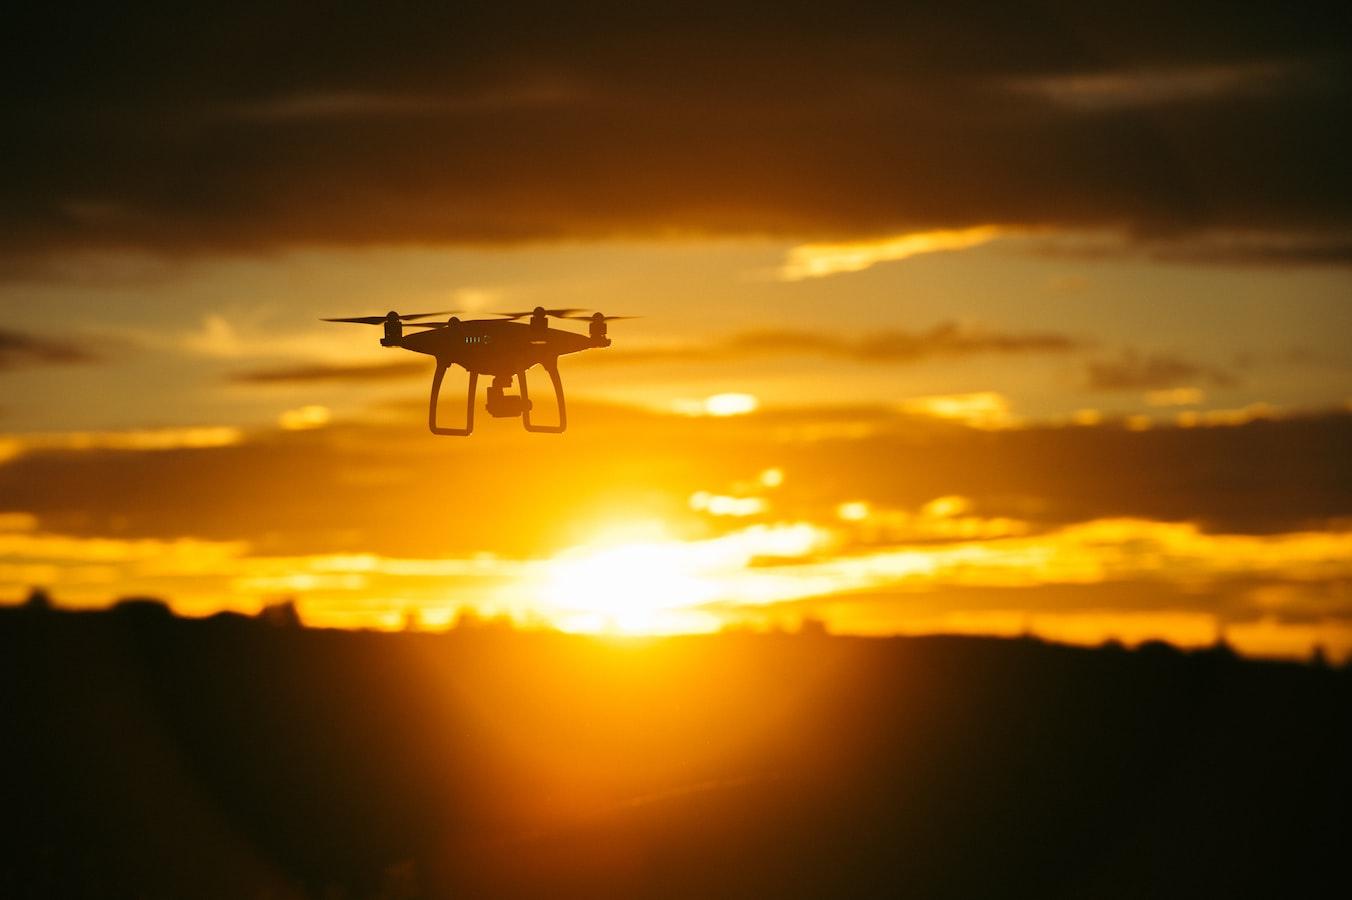 Diep oranje zonsondergang met het silhouet van een drone.